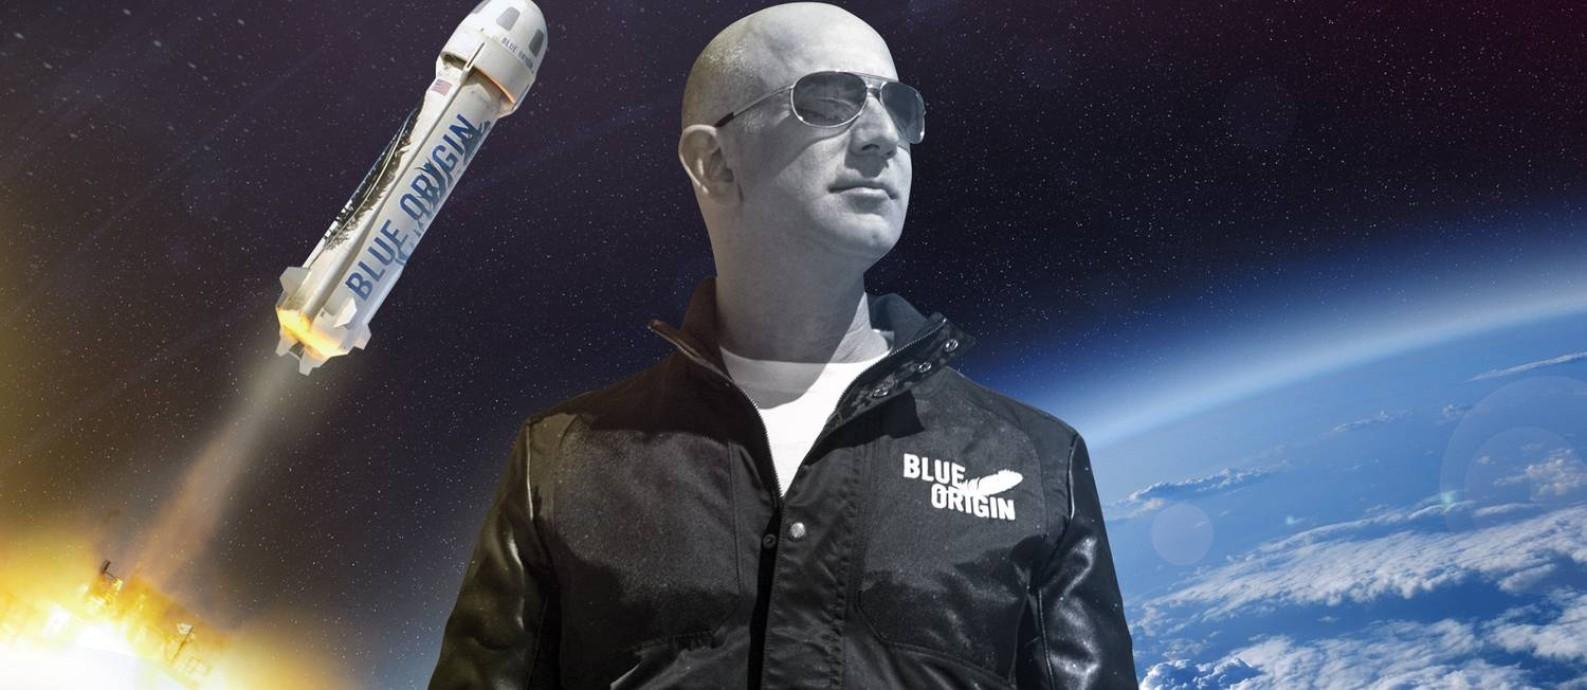 O bilionário Jeff Bezos: prestes a dar um dos passos mais importantes e arriscados de sua trajetória Foto: Editoria de Arte